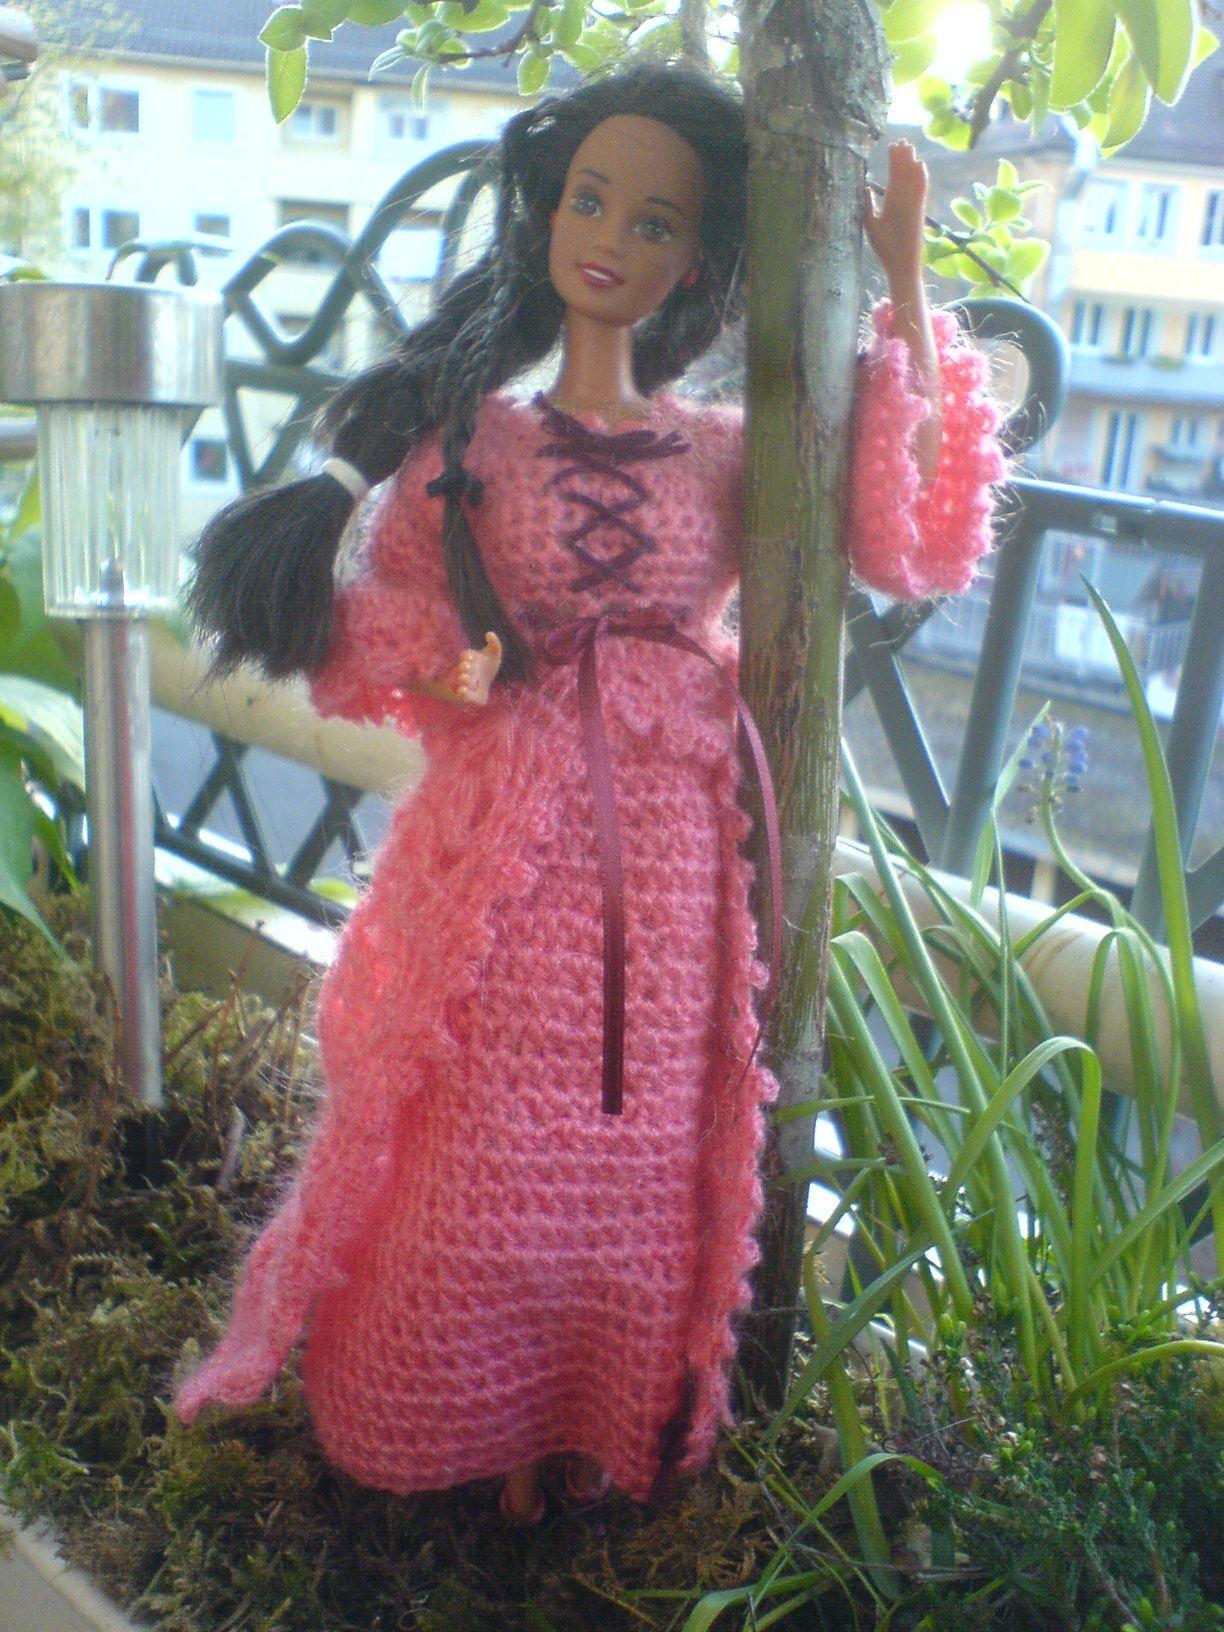 Friend off Barbie/Freundin von Barbie, alles in hell Beere ...